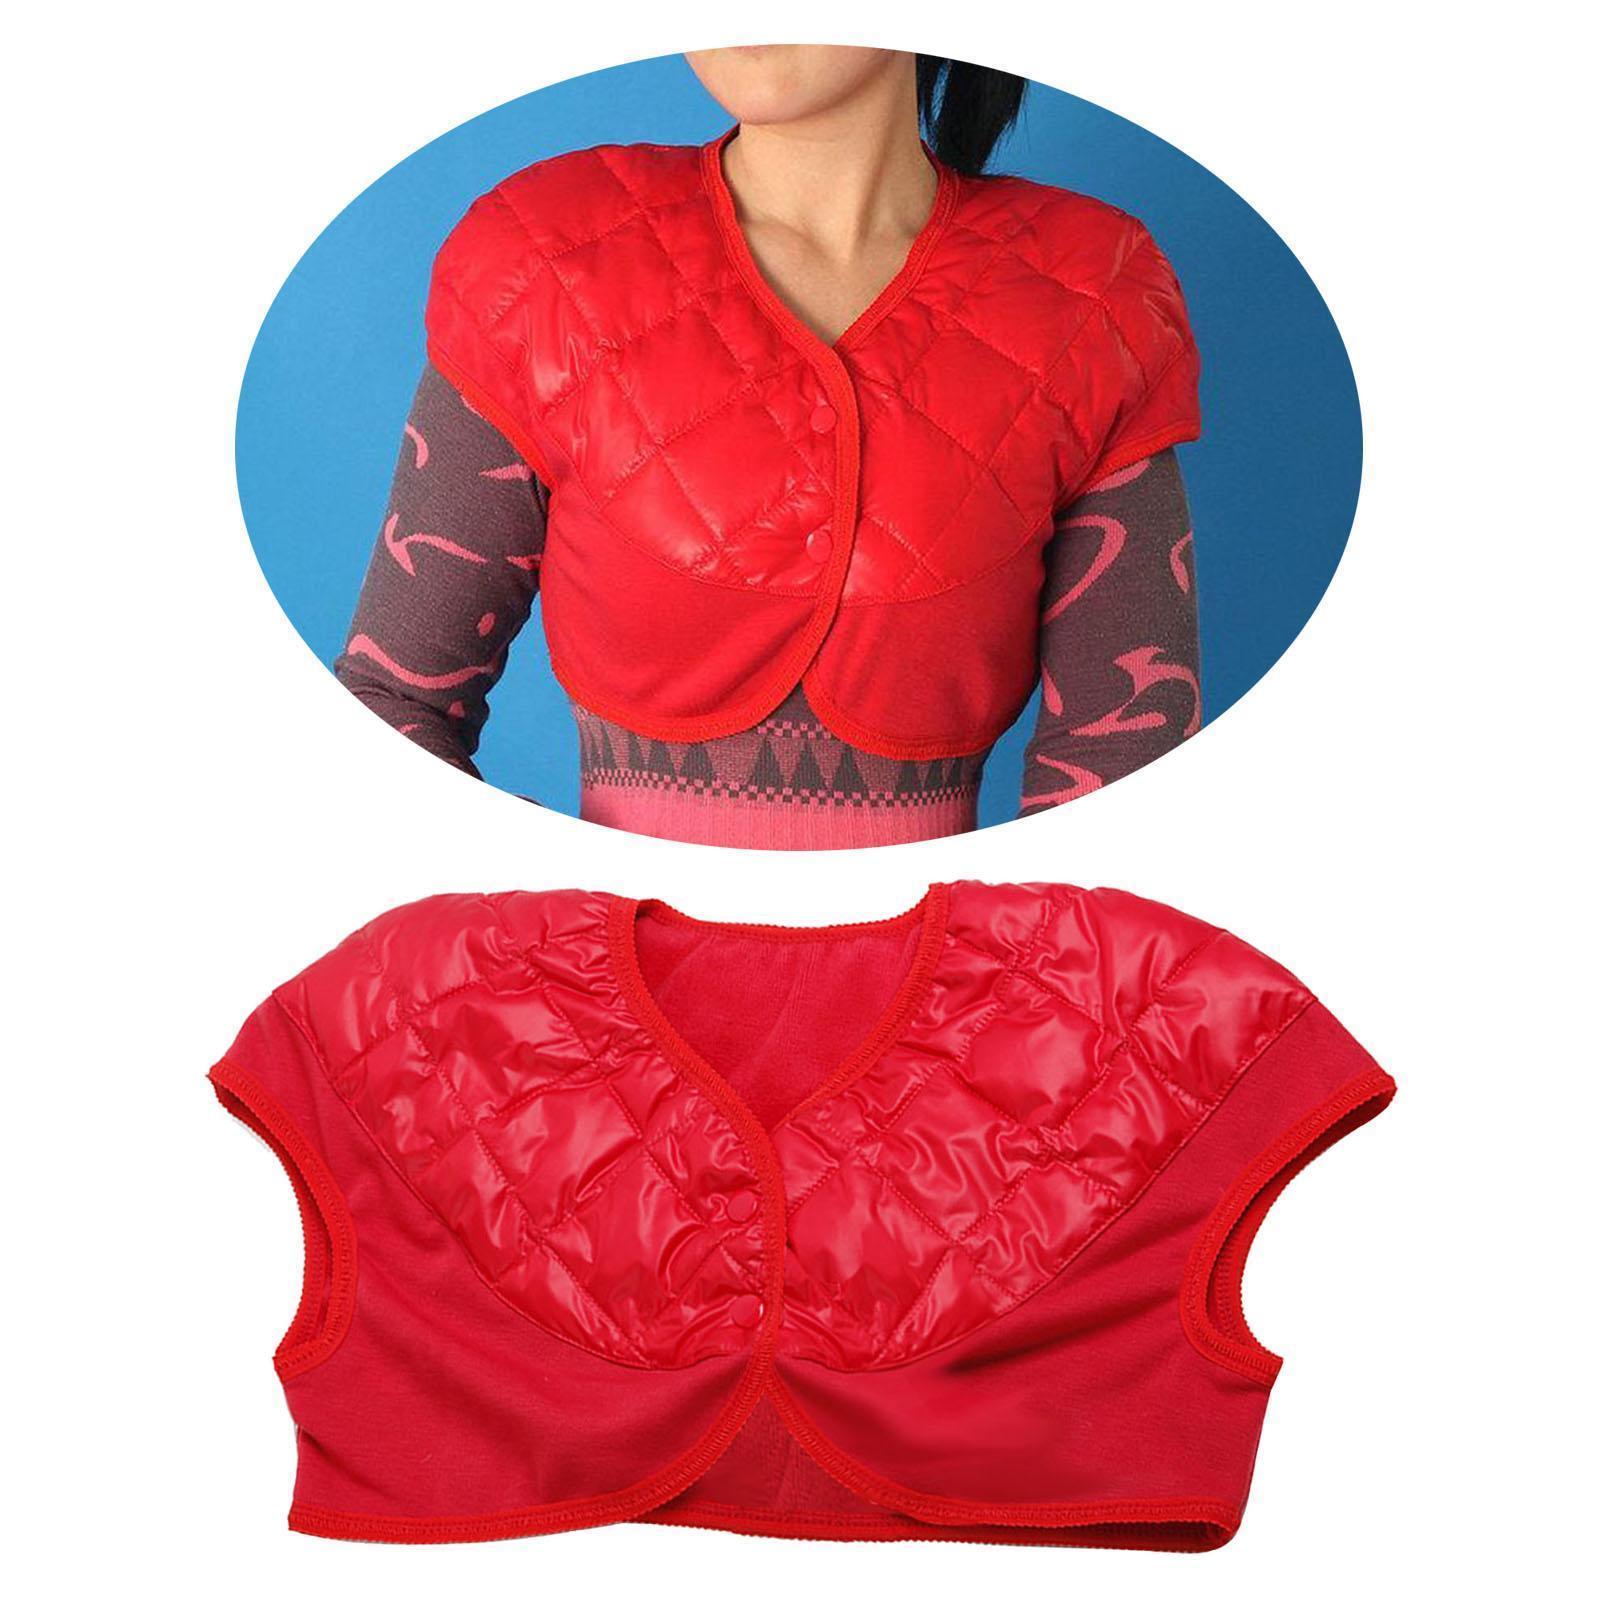 Femmes-Hommes-Down-Jacket-Chaud-Manteau-Court-Epaule-Chaud-Thermique-Wrap miniatura 9